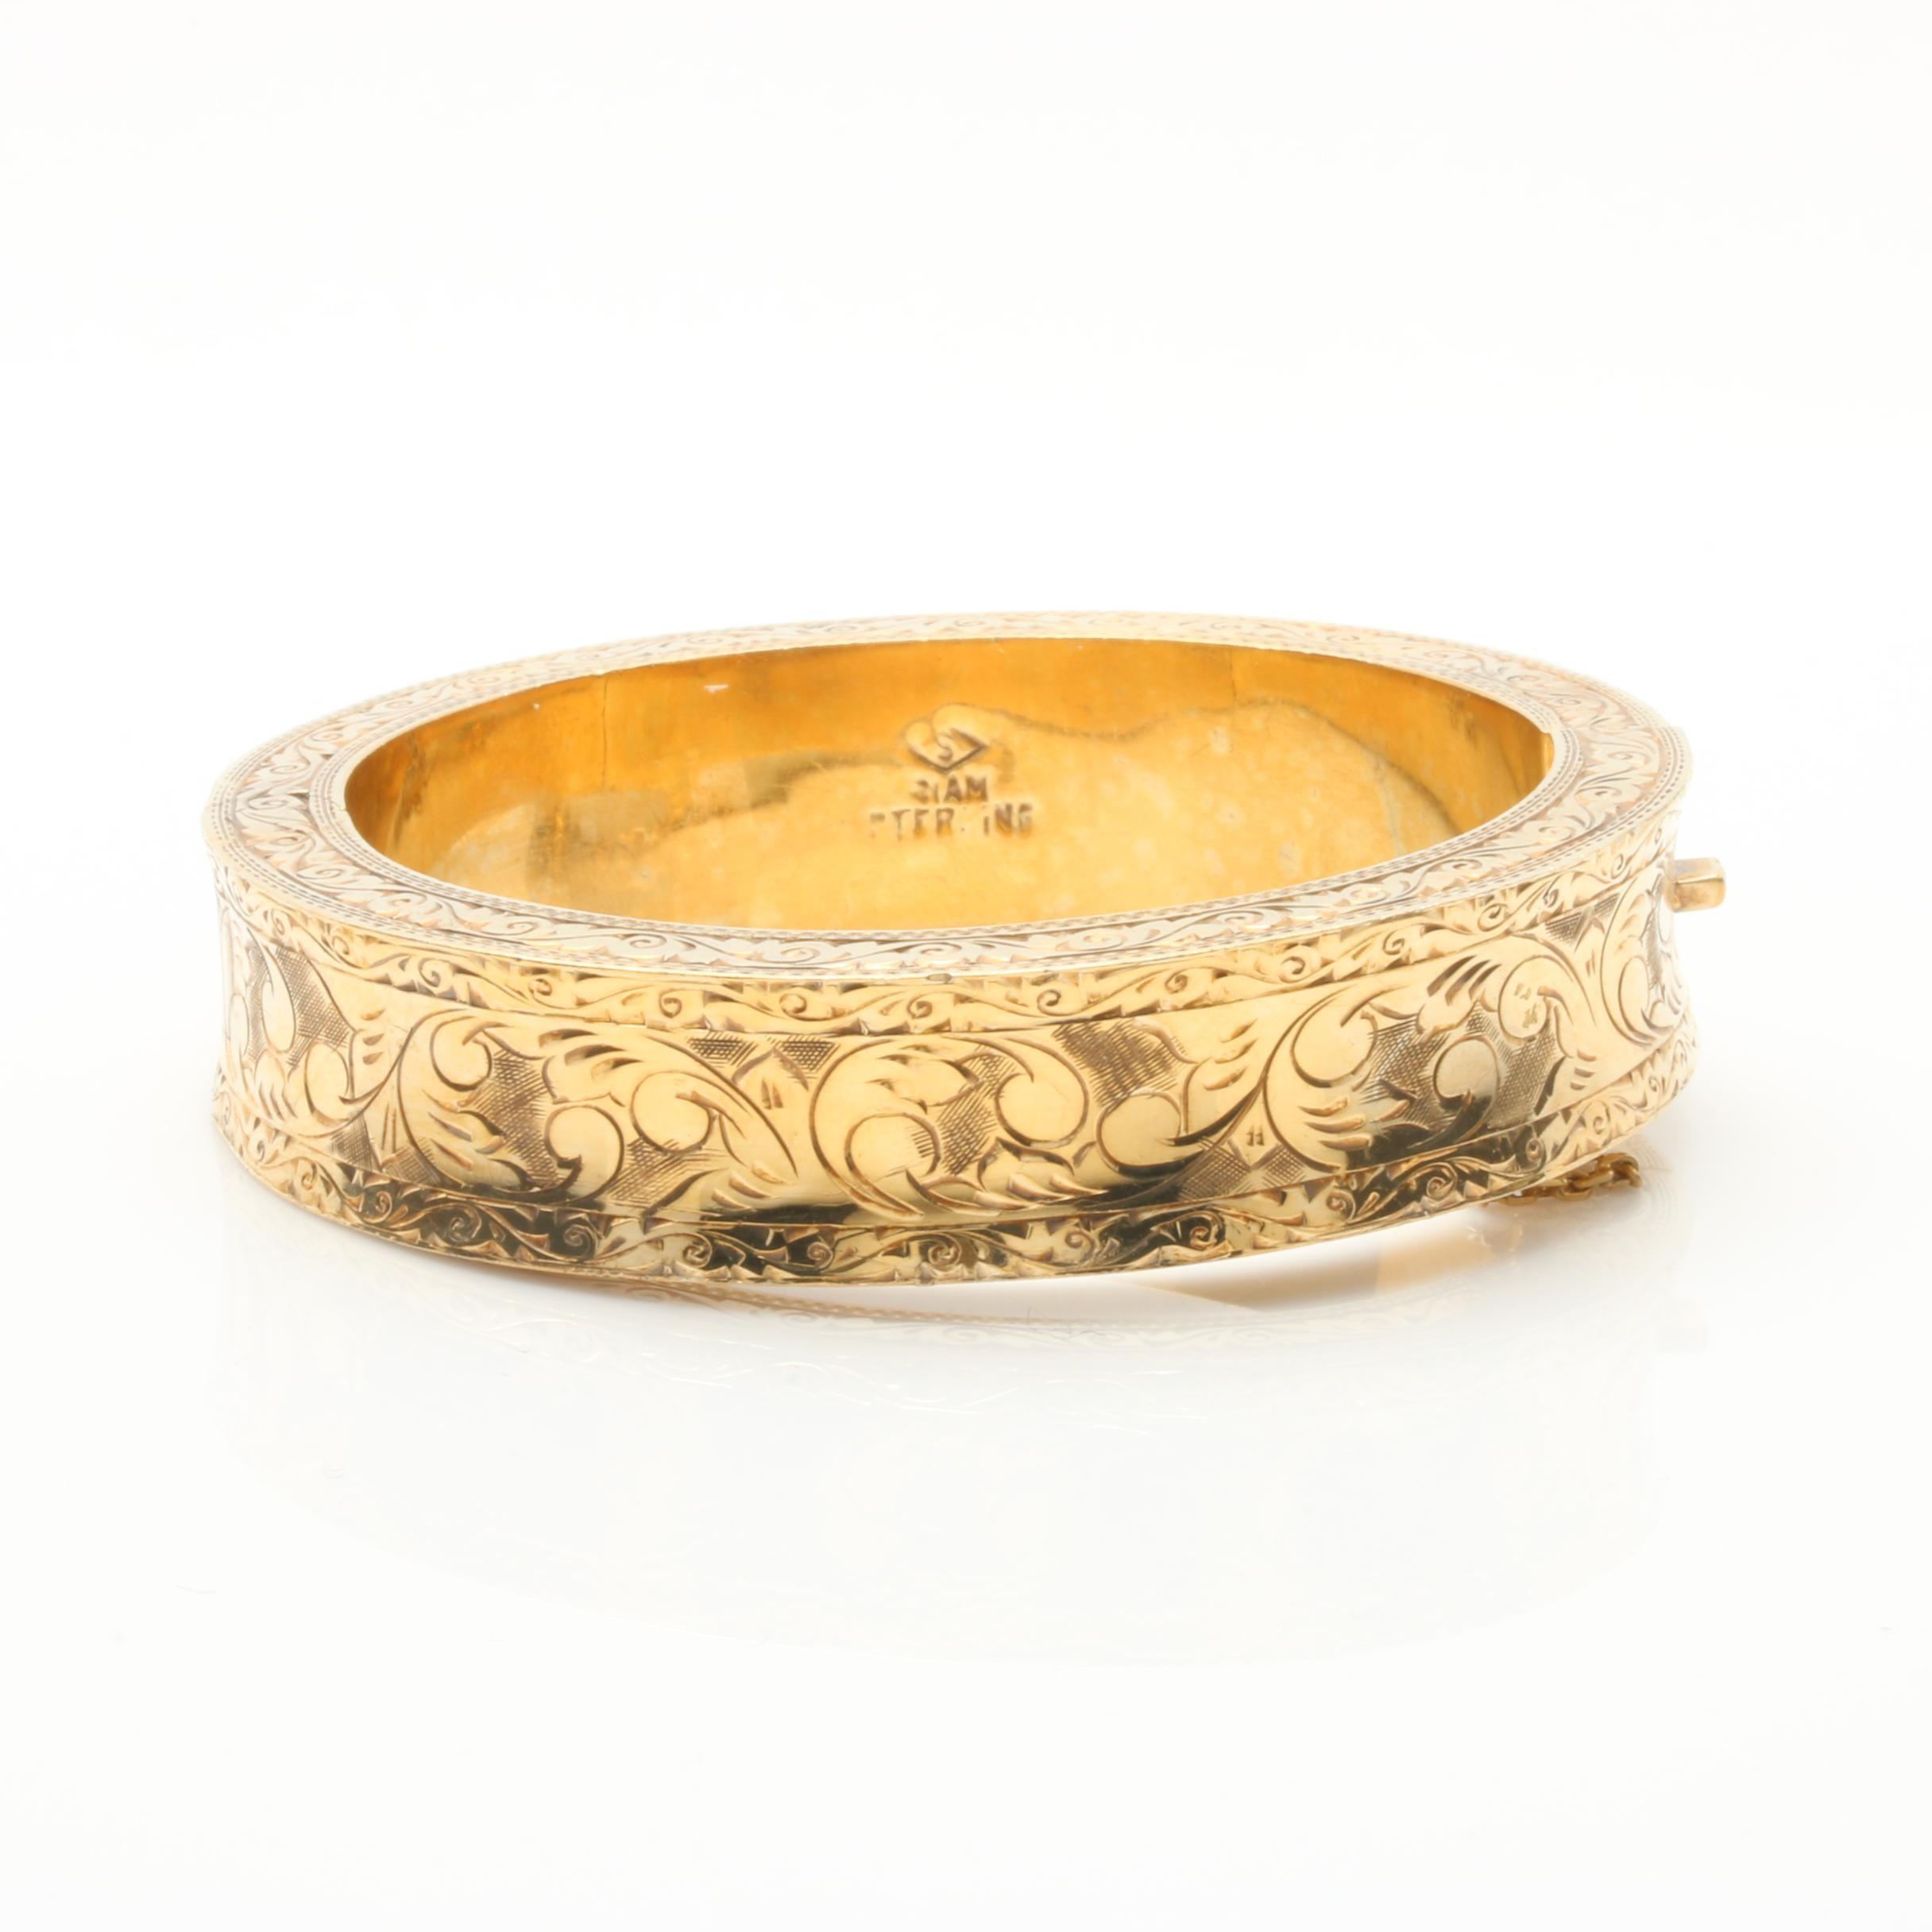 Vintage Thai Gold Wash on Sterling Silver Bangle Bracelet